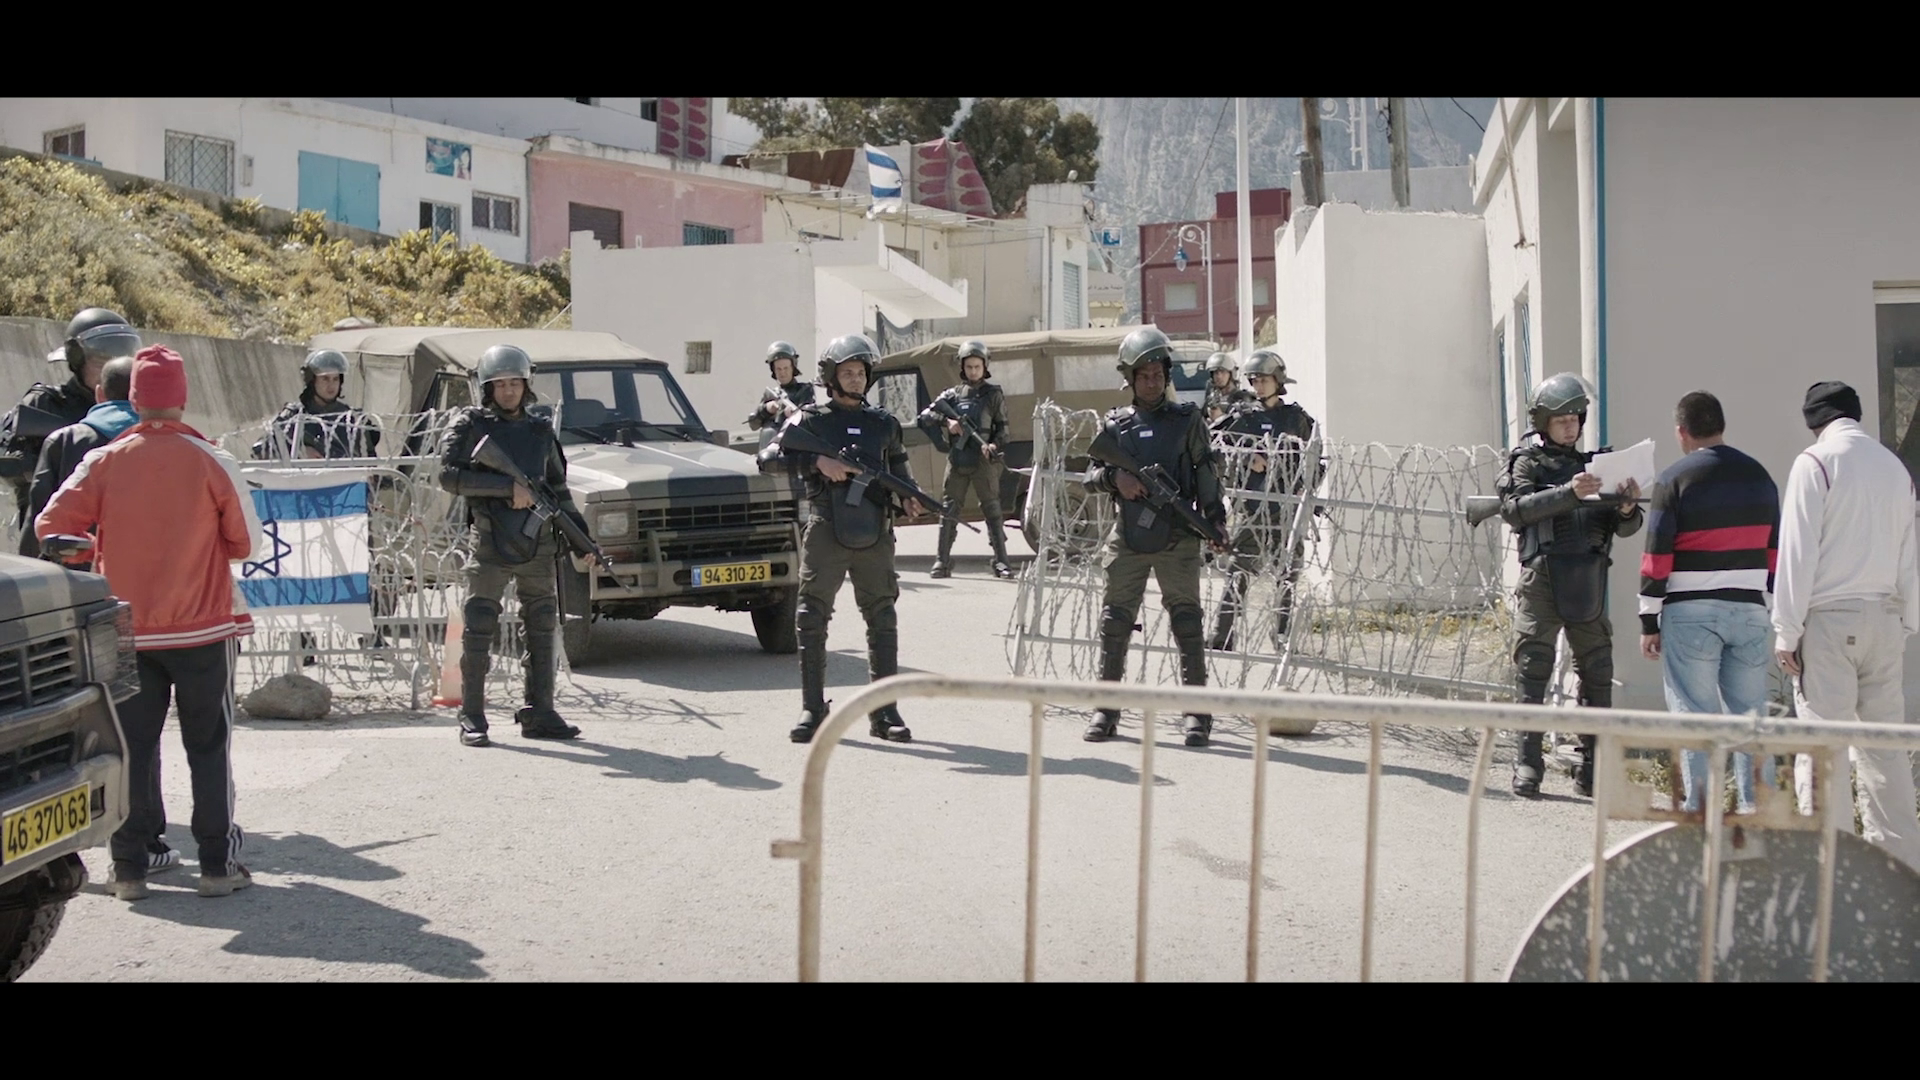 Palestina: Una tierra en conflicto (2017) 1080p WEB-DL AMZN Latino